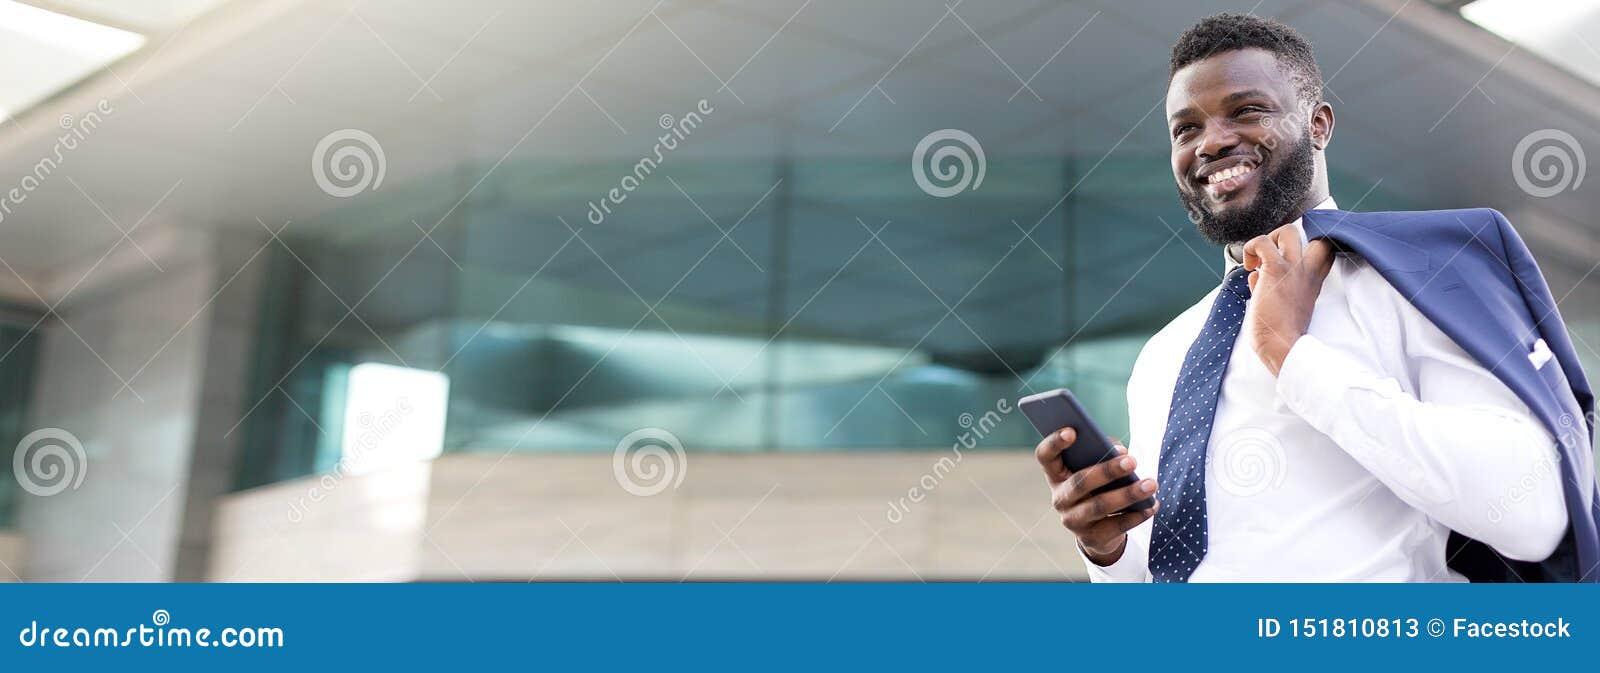 Attraktiver afrikanischer Geschäftsmann, der sein Telefon bei der Stellung nahe einem Vollgeschoss und gerade nach vorn schauen h